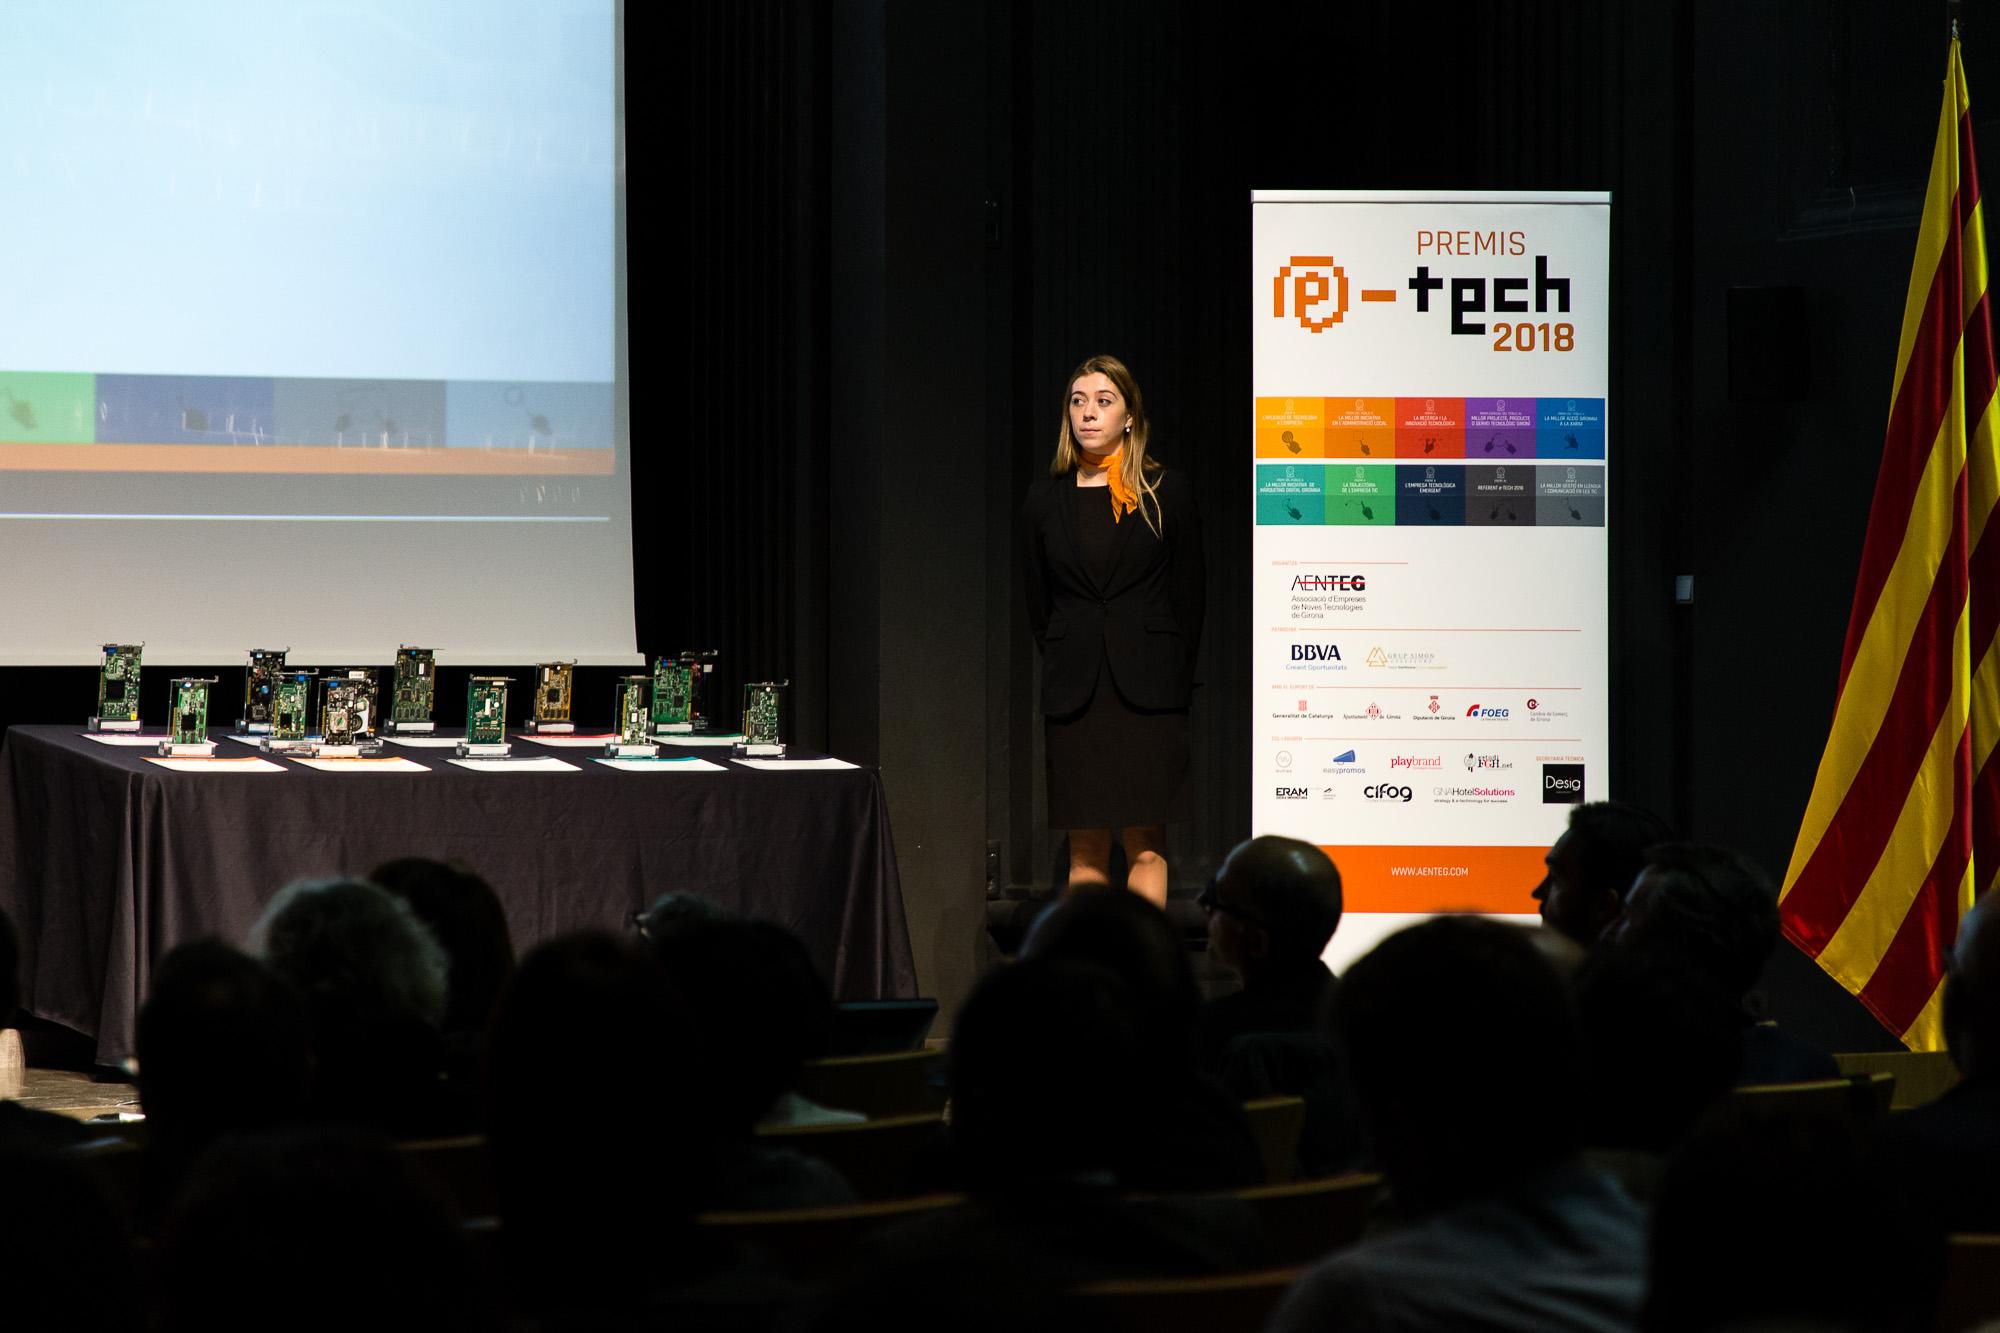 Imatge notícia - La web d'INSPAI, finalista dels premis tecnològics E-TECH 2018